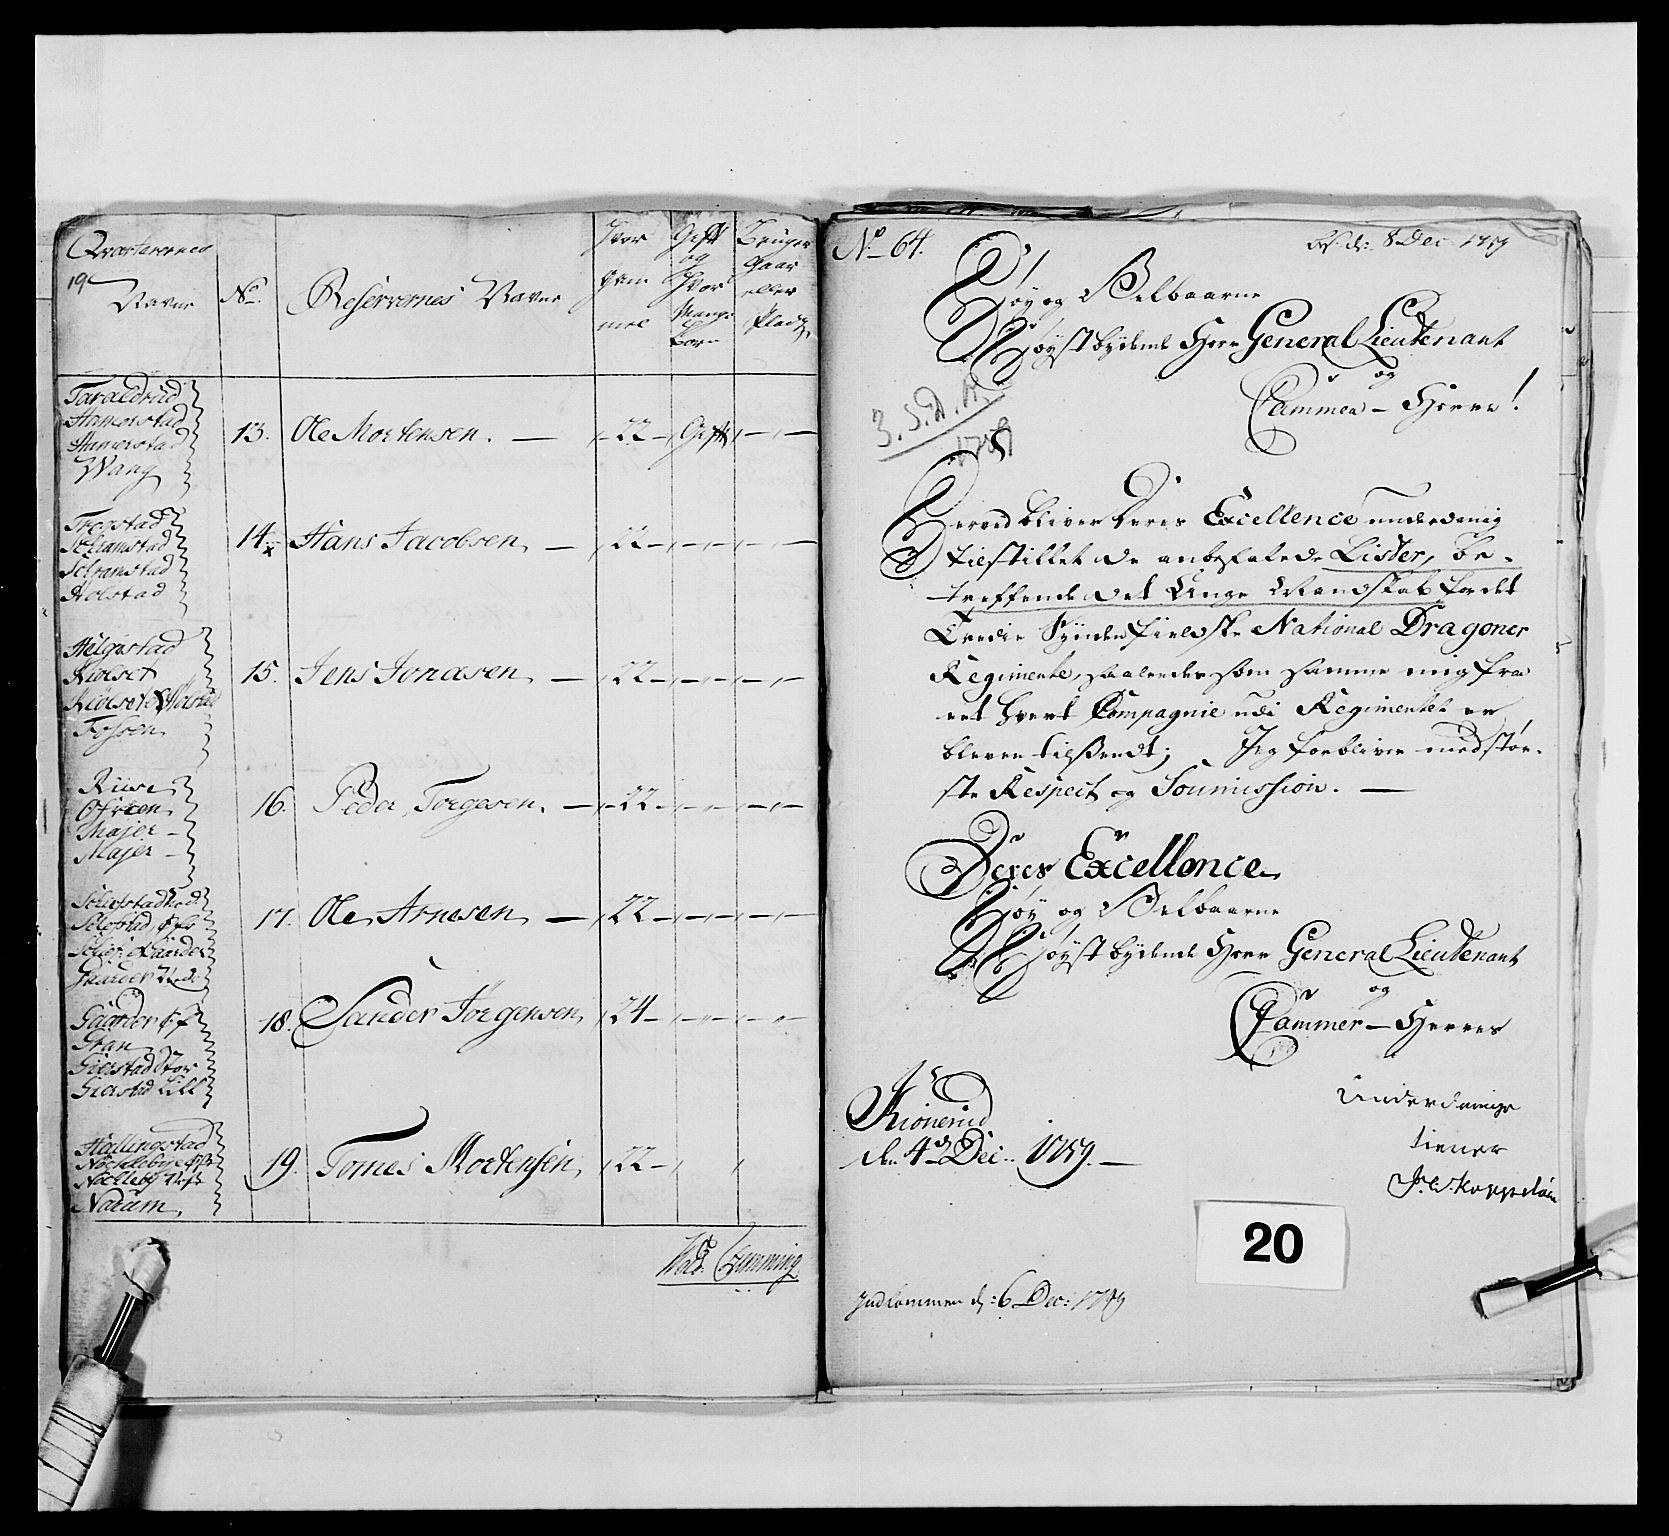 RA, Kommanderende general (KG I) med Det norske krigsdirektorium, E/Ea/L0479: 3. Sønnafjelske dragonregiment, 1756-1760, s. 375